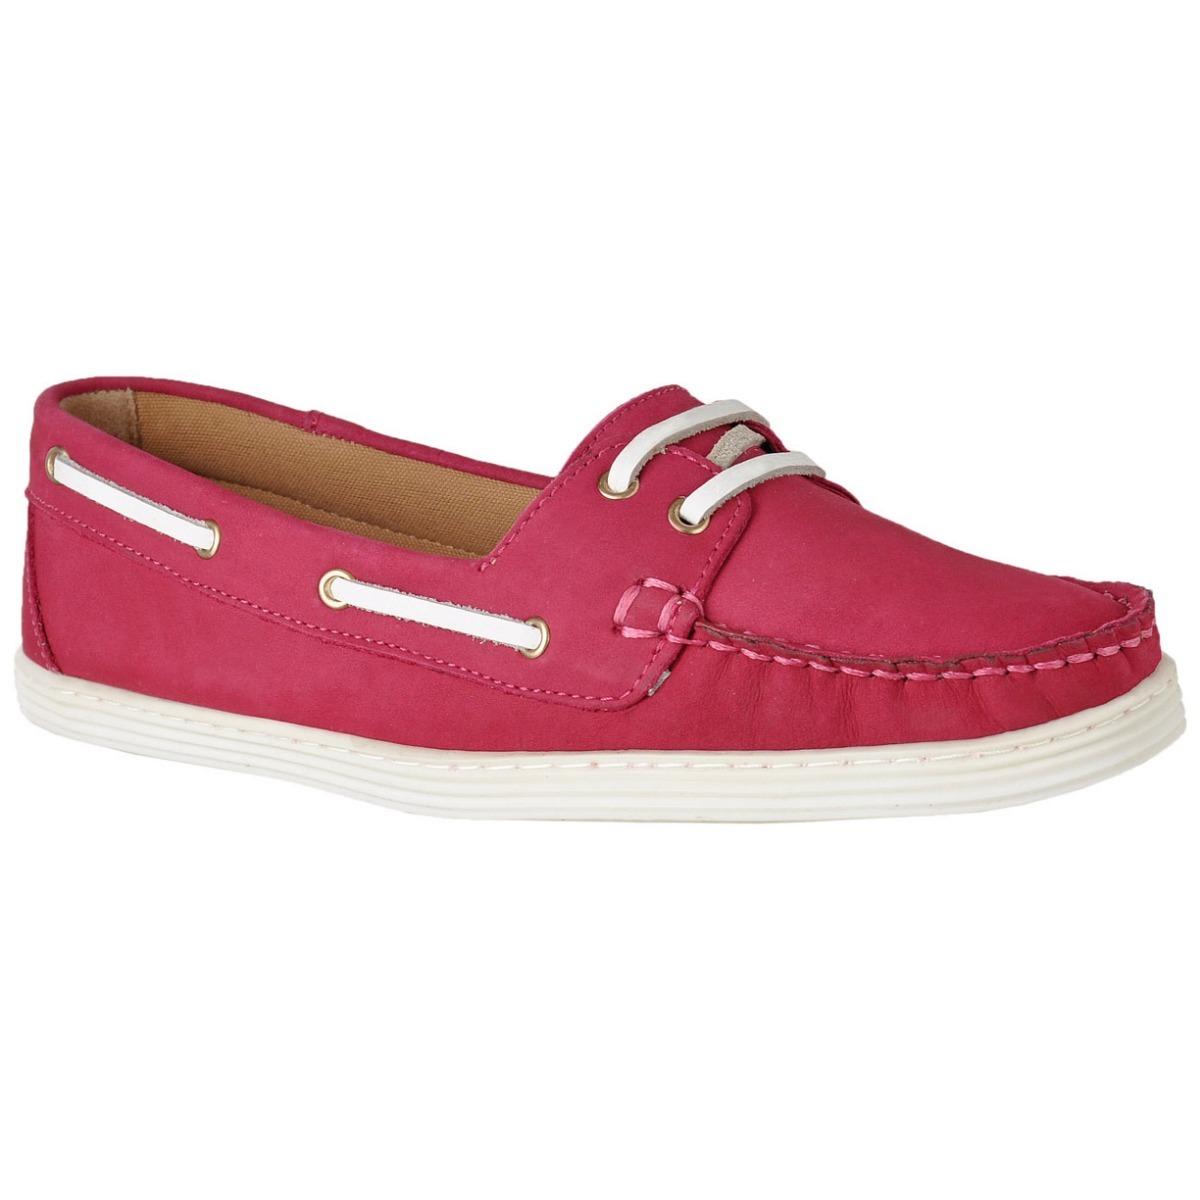 d1ada0e520 Sapato Mocassim Dockside Feminino Conforto Couro Legítimo L. - R ...